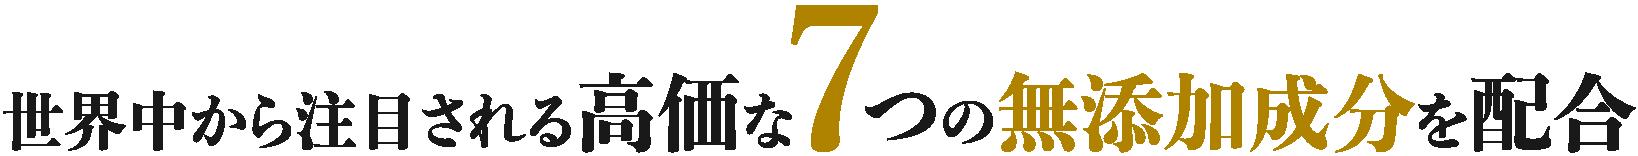 世界中から注目される高価な7つの無添加成分を配合